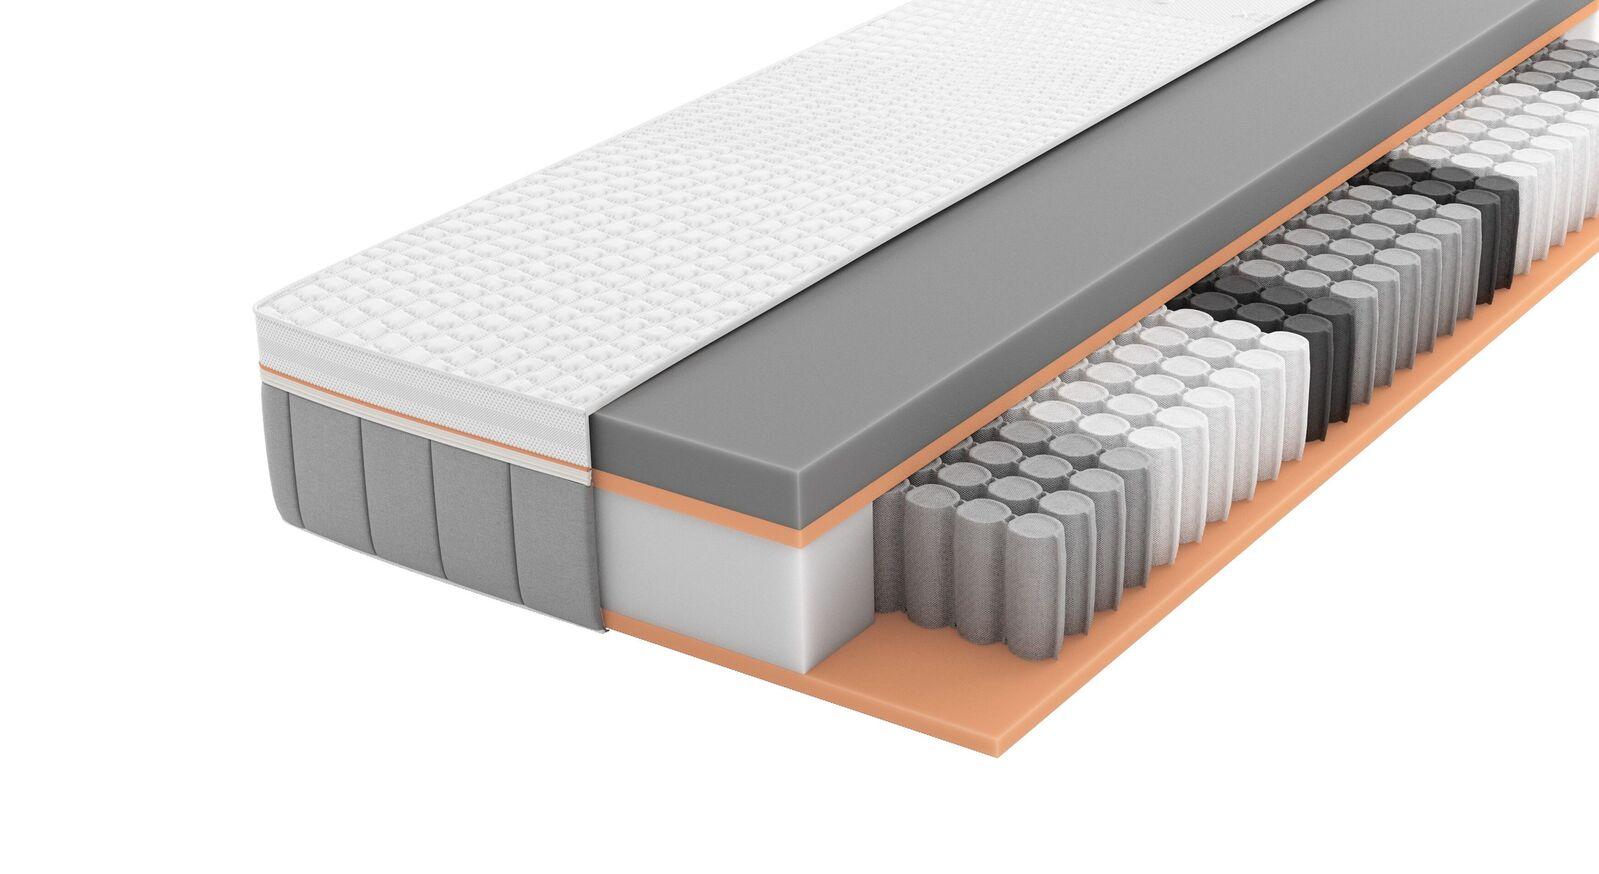 SCHLARAFFIA Taschenfederkern-Matratze GELTEX Solaris ZZ TFK mit perfekter Körperunterstützung